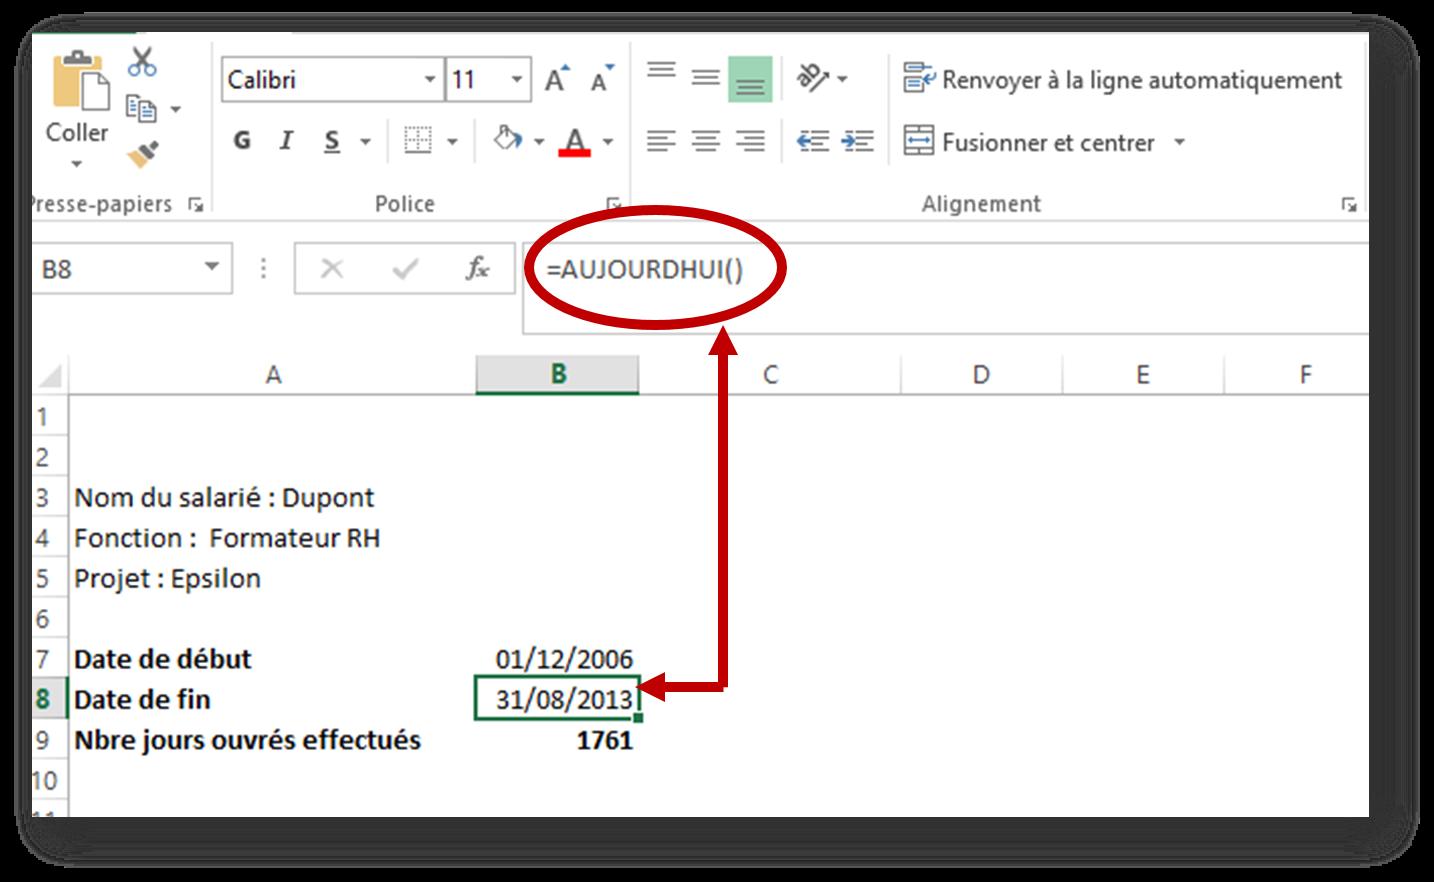 les fonctions de calcul spécifiques dans le logiciel tableau Excel 2013 : la fonction de calcul de dates Aujourd'hui